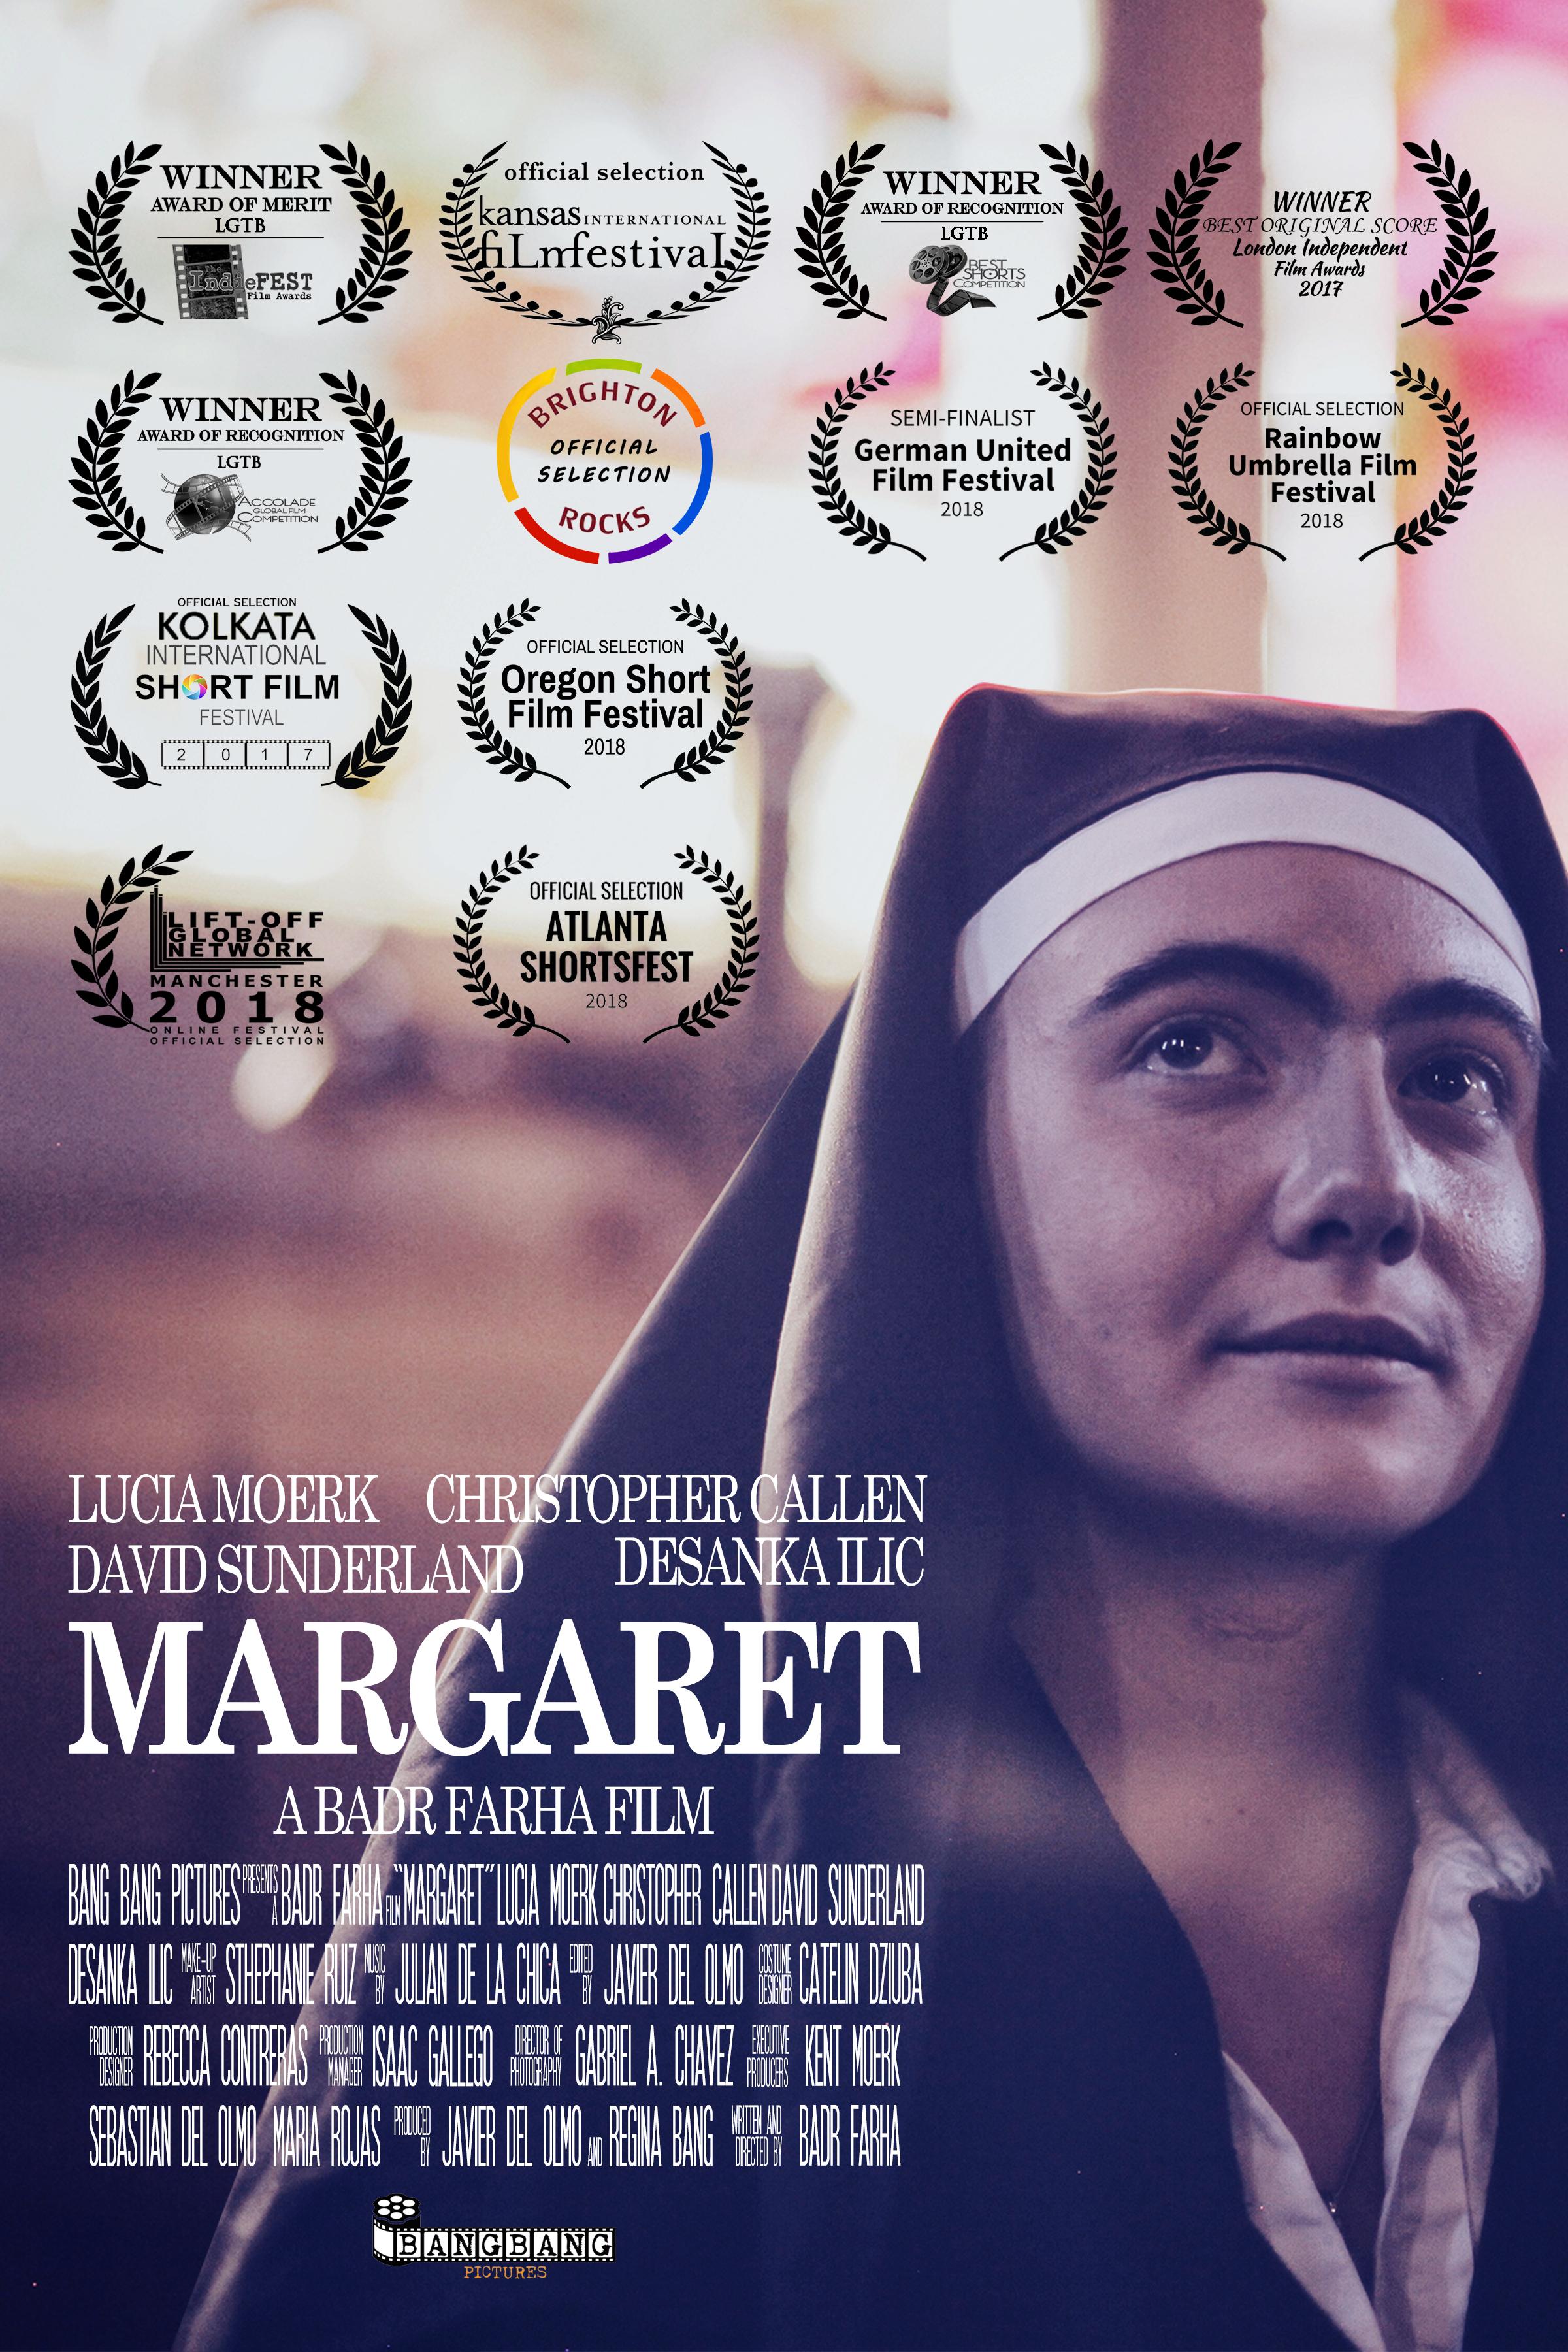 MARGARET NEW POSTER.jpg